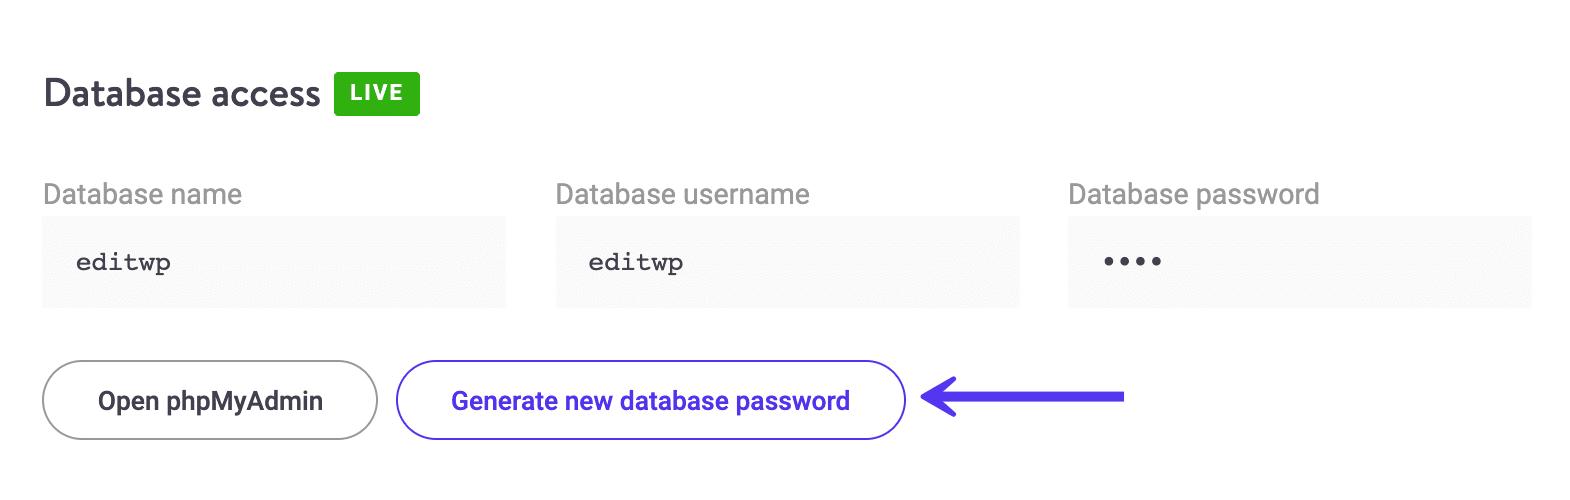 Generieren eines neuen Datenbankpassworts